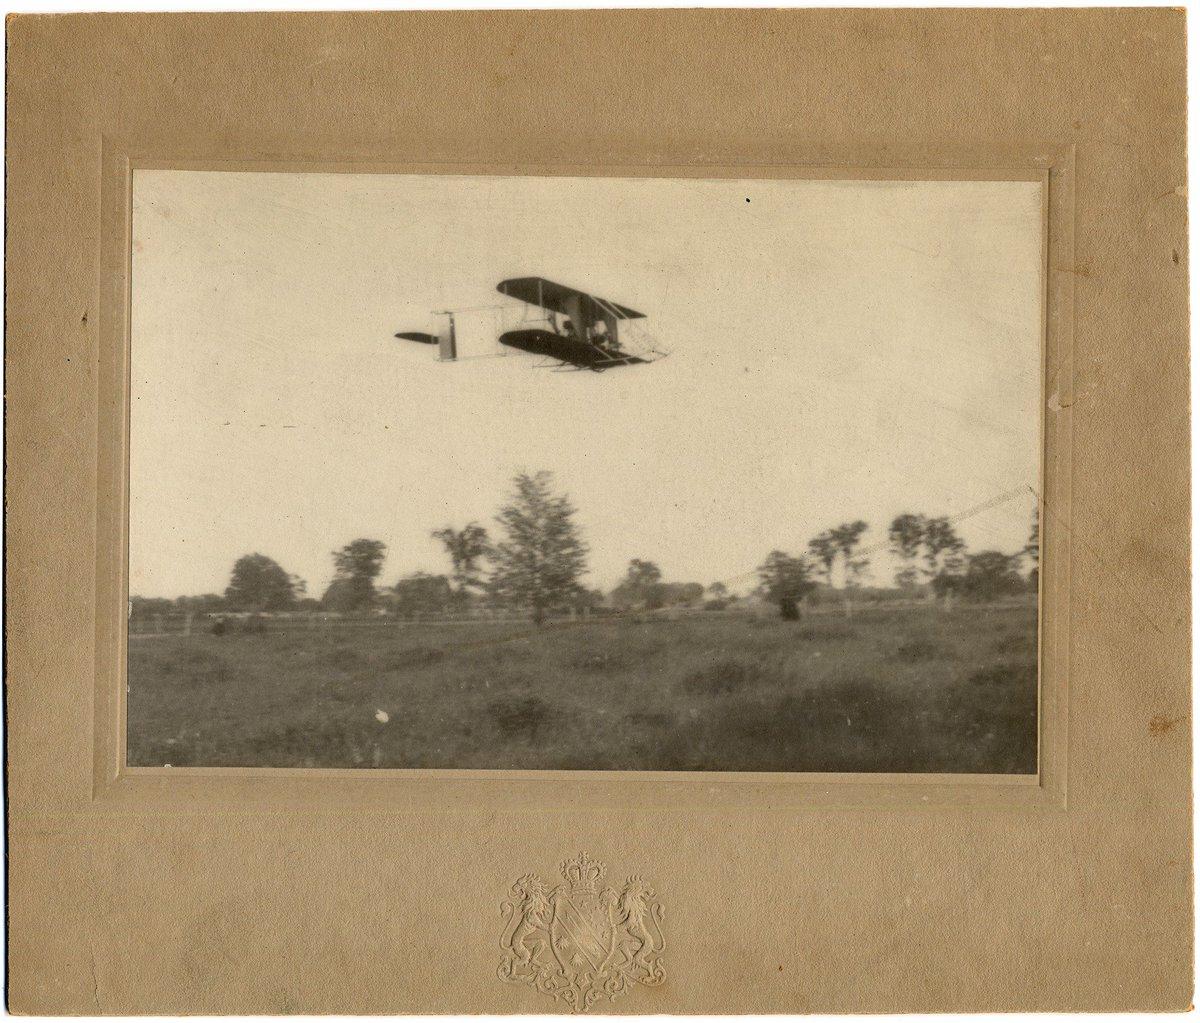 1912 : Airplane Over Flint Fair Grounds